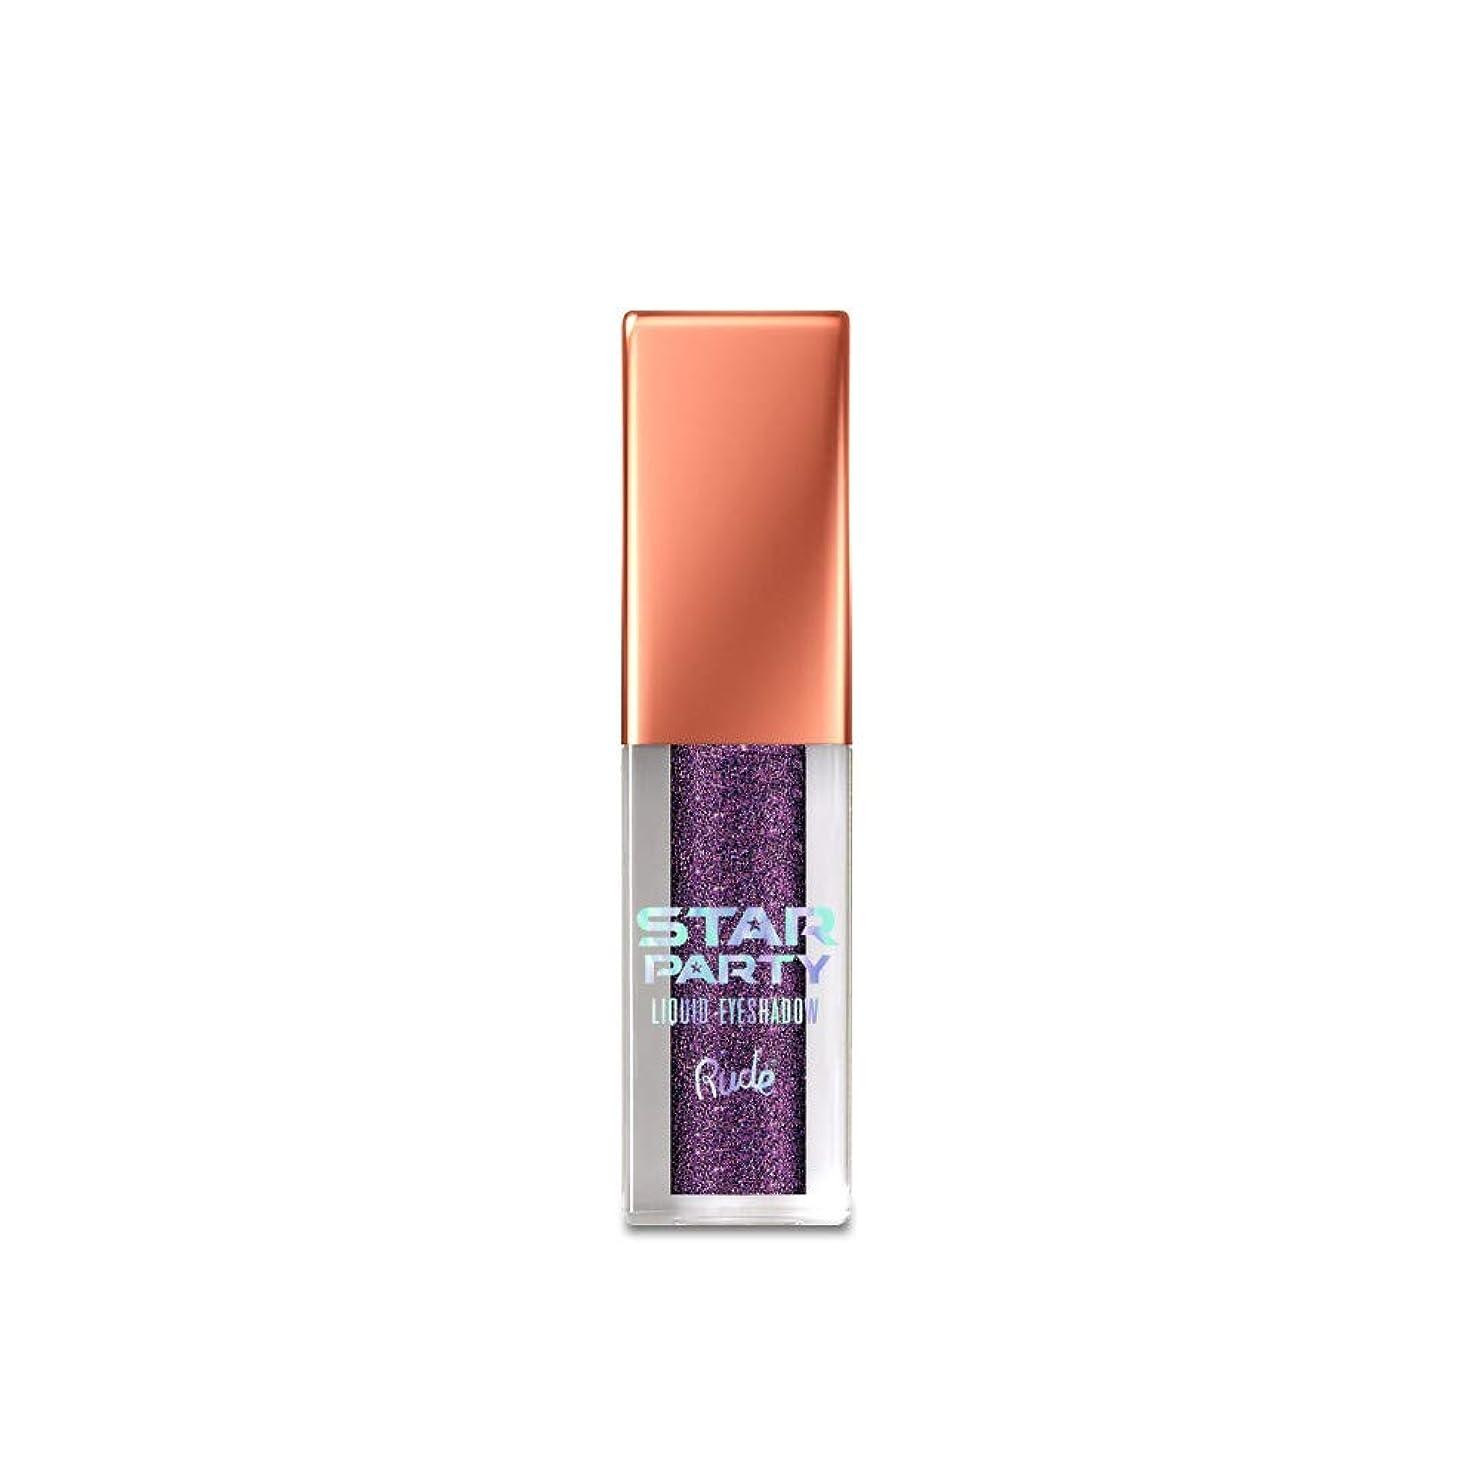 着替える息苦しい懸念(6 Pack) RUDE Star Party Liquid Eyeshadow - Solstice (並行輸入品)